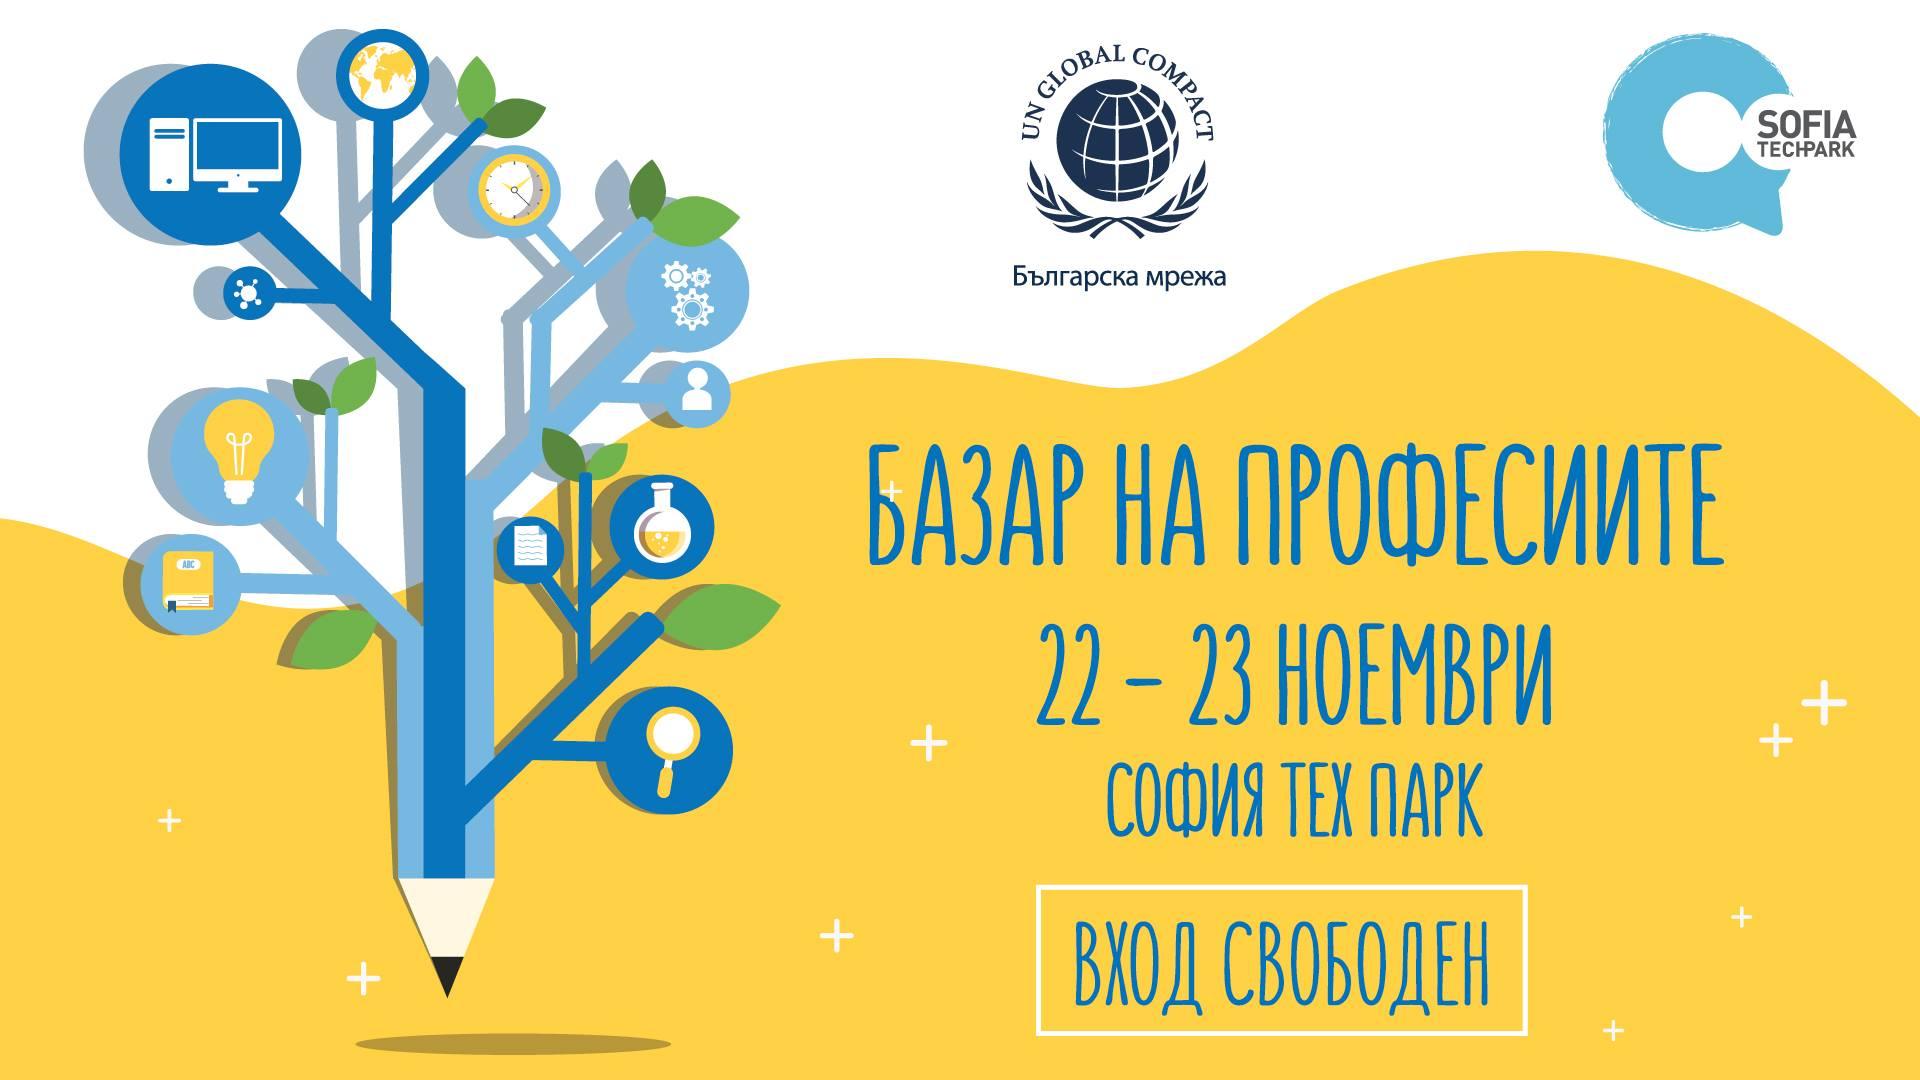 Българска мрежа на Глобалния договор на ООН (БМГД)